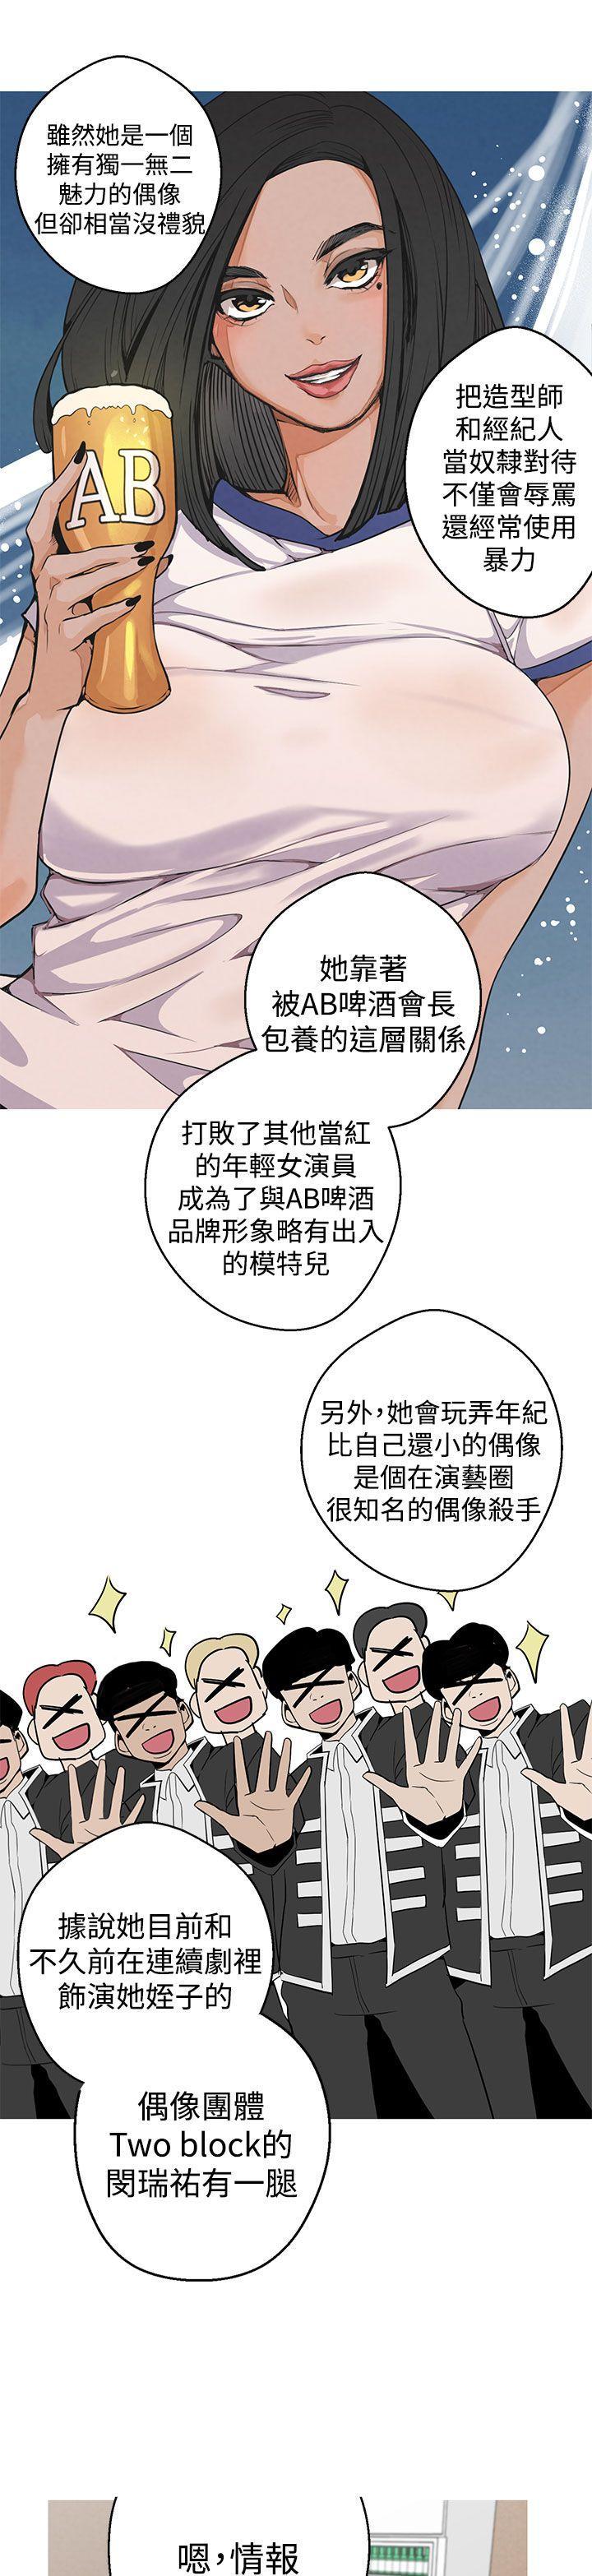 女神狩猎 第1~3話 [Chinese]中文 Harc 87